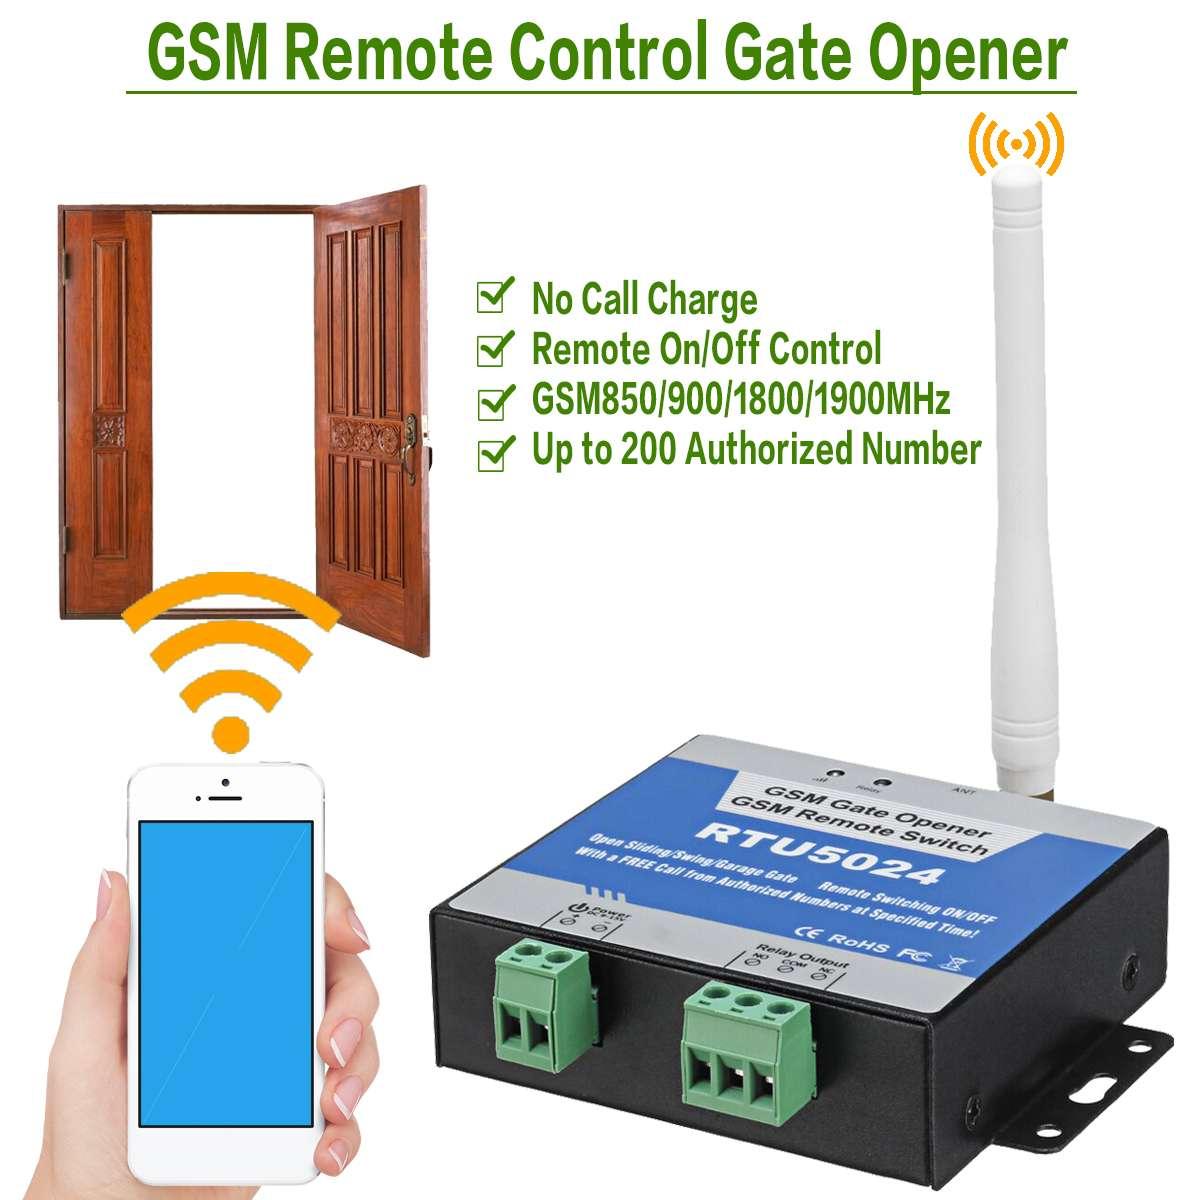 RTU5024 GSM ворот реле дистанционного контроля допуска двери беспроводной открывания двери с помощью бесплатного звонка 850/900/1800/1900 МГц-in Наборы для управления доступом from Безопасность и защита